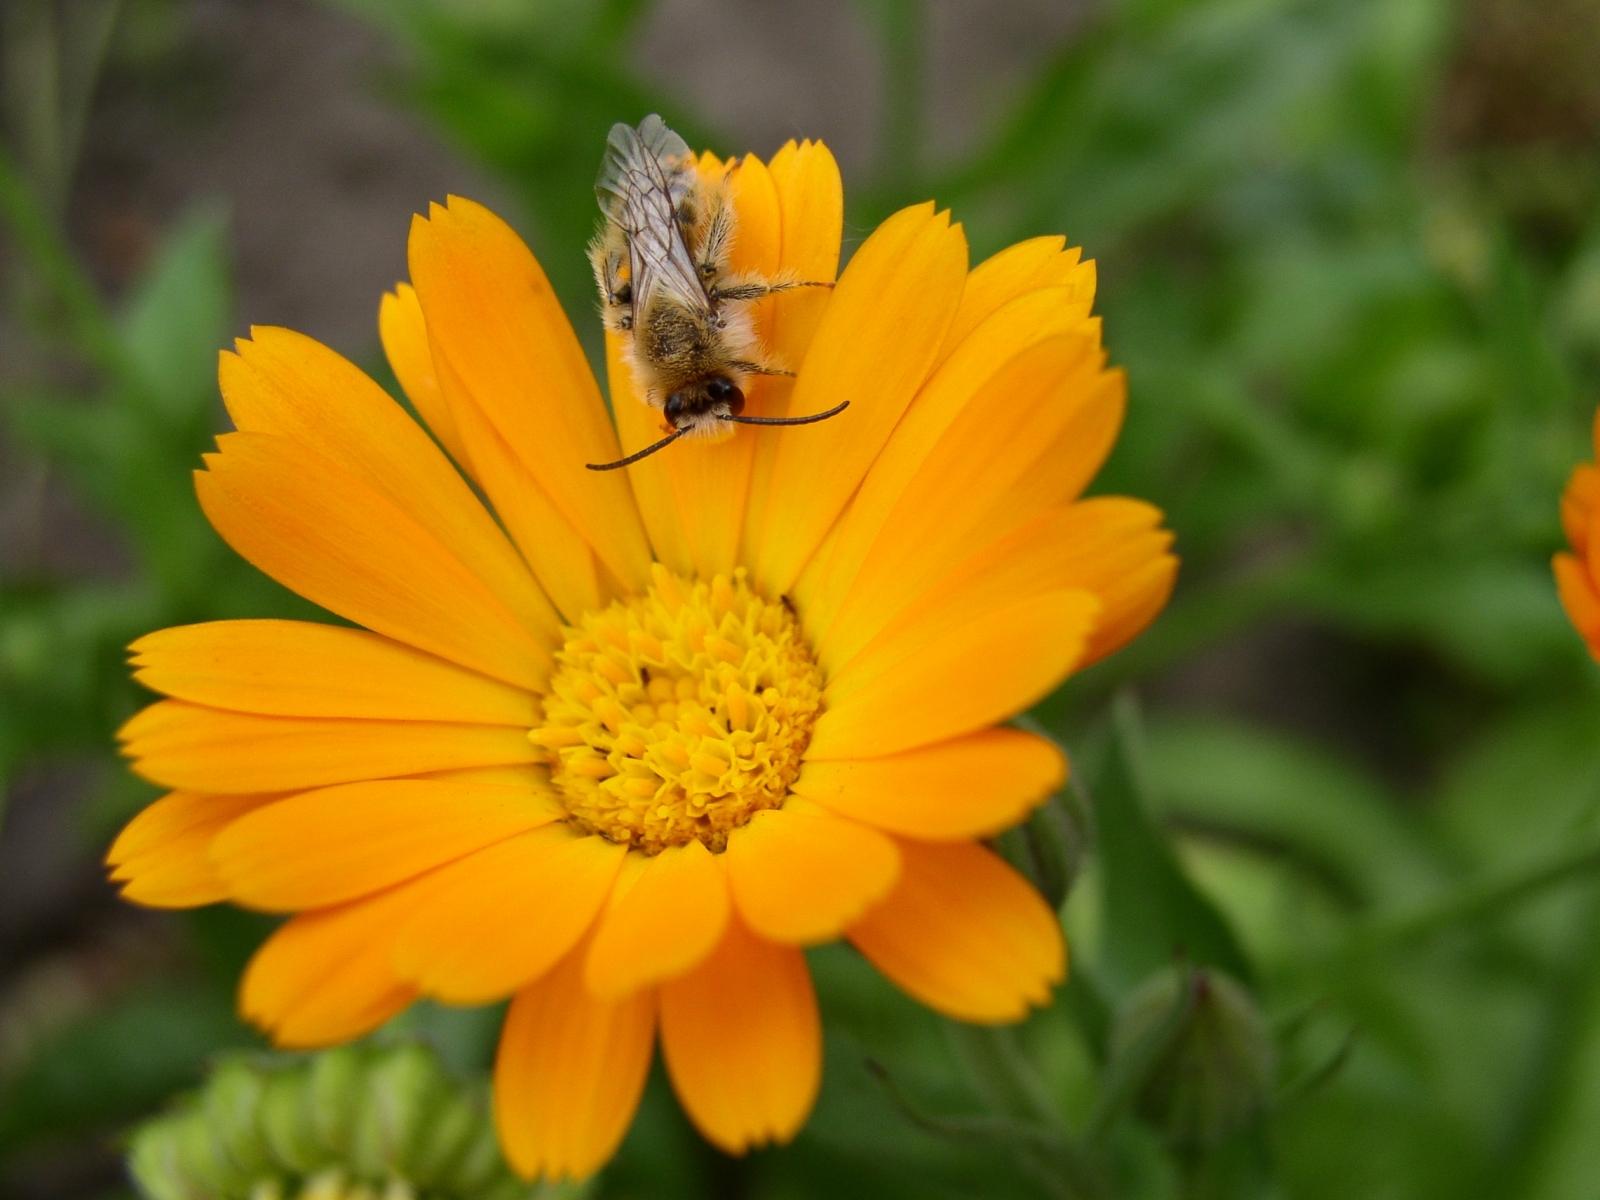 1439 Hintergrundbild herunterladen Pflanzen, Blumen, Bienen - Bildschirmschoner und Bilder kostenlos